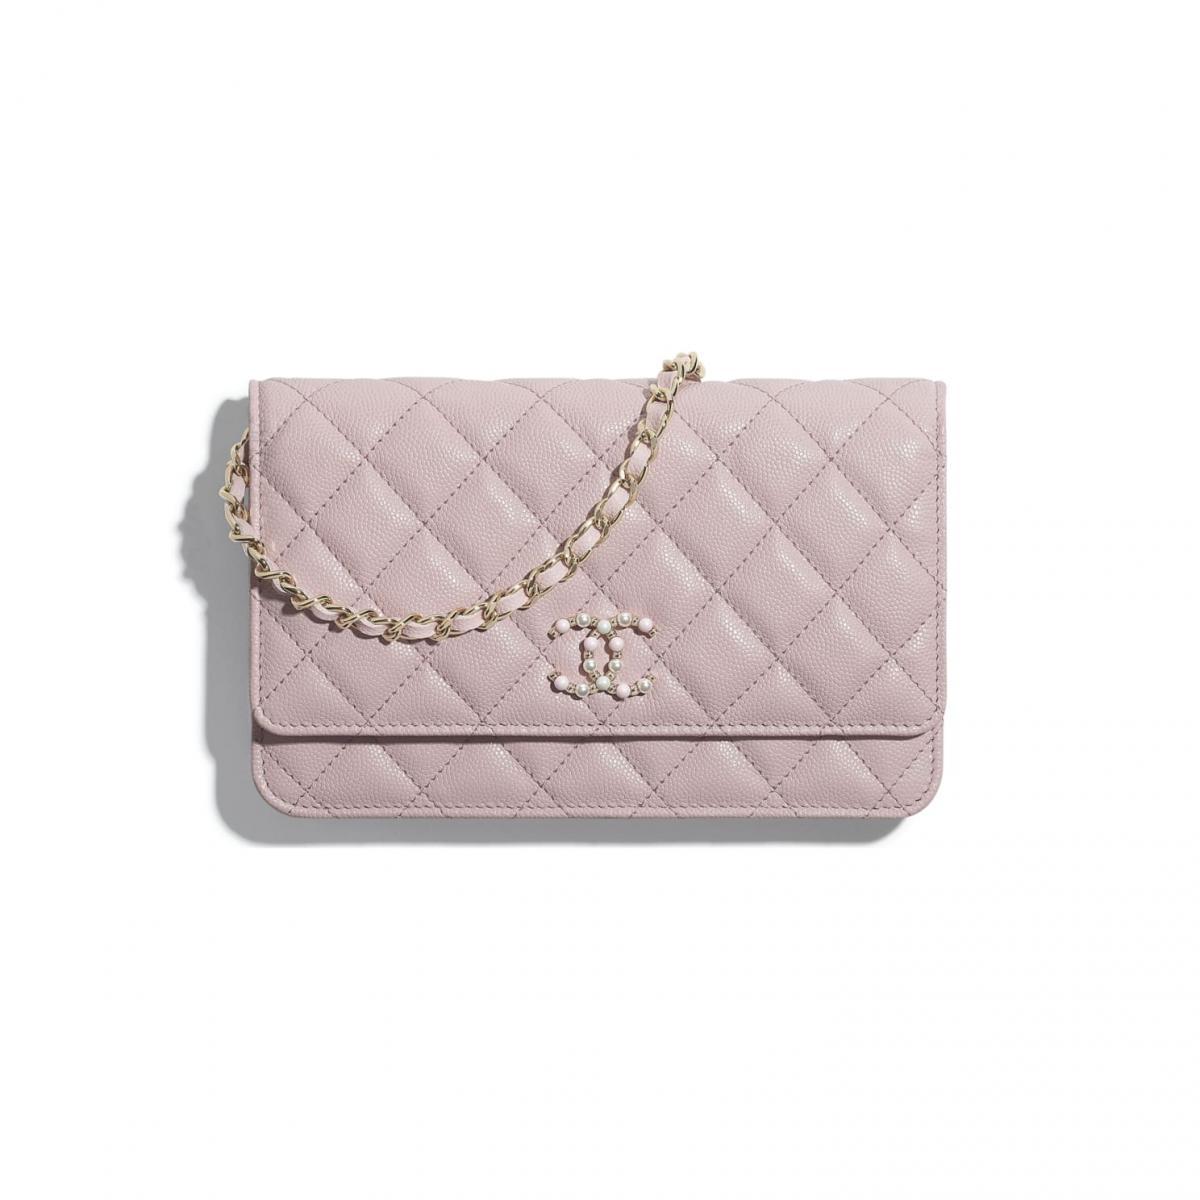 2021年Chanel春夏包包「寶寶粉」推薦這8款!水桶包、圓餅包 、零錢包 .....19口蓋包有錢不一定買的到-7